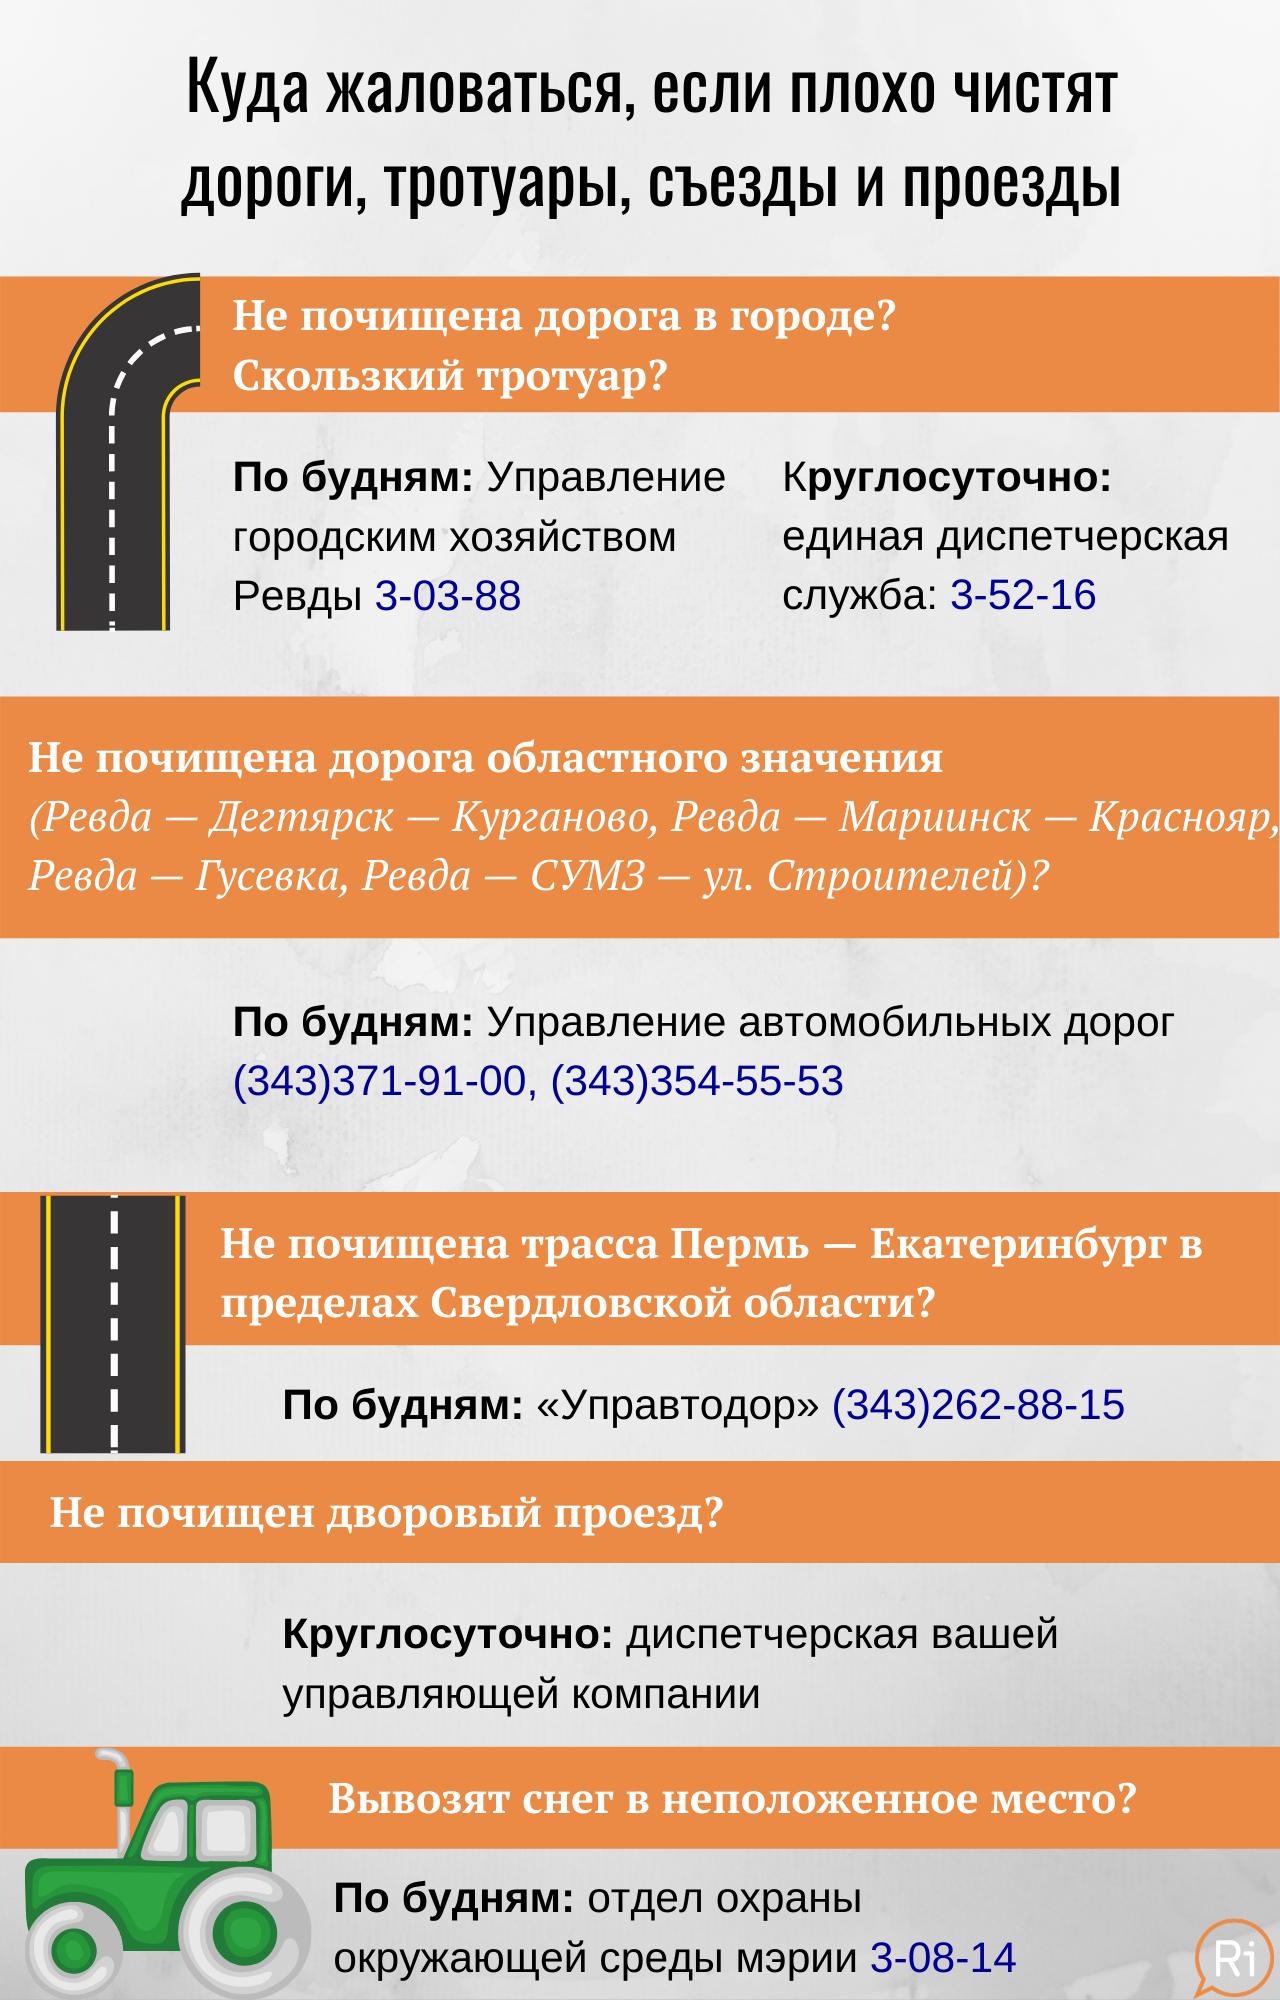 Kuda-zhalovatsya-esli-ploho-chistyat-dorogi_-vse-telefony-v-odnoj-kartinke